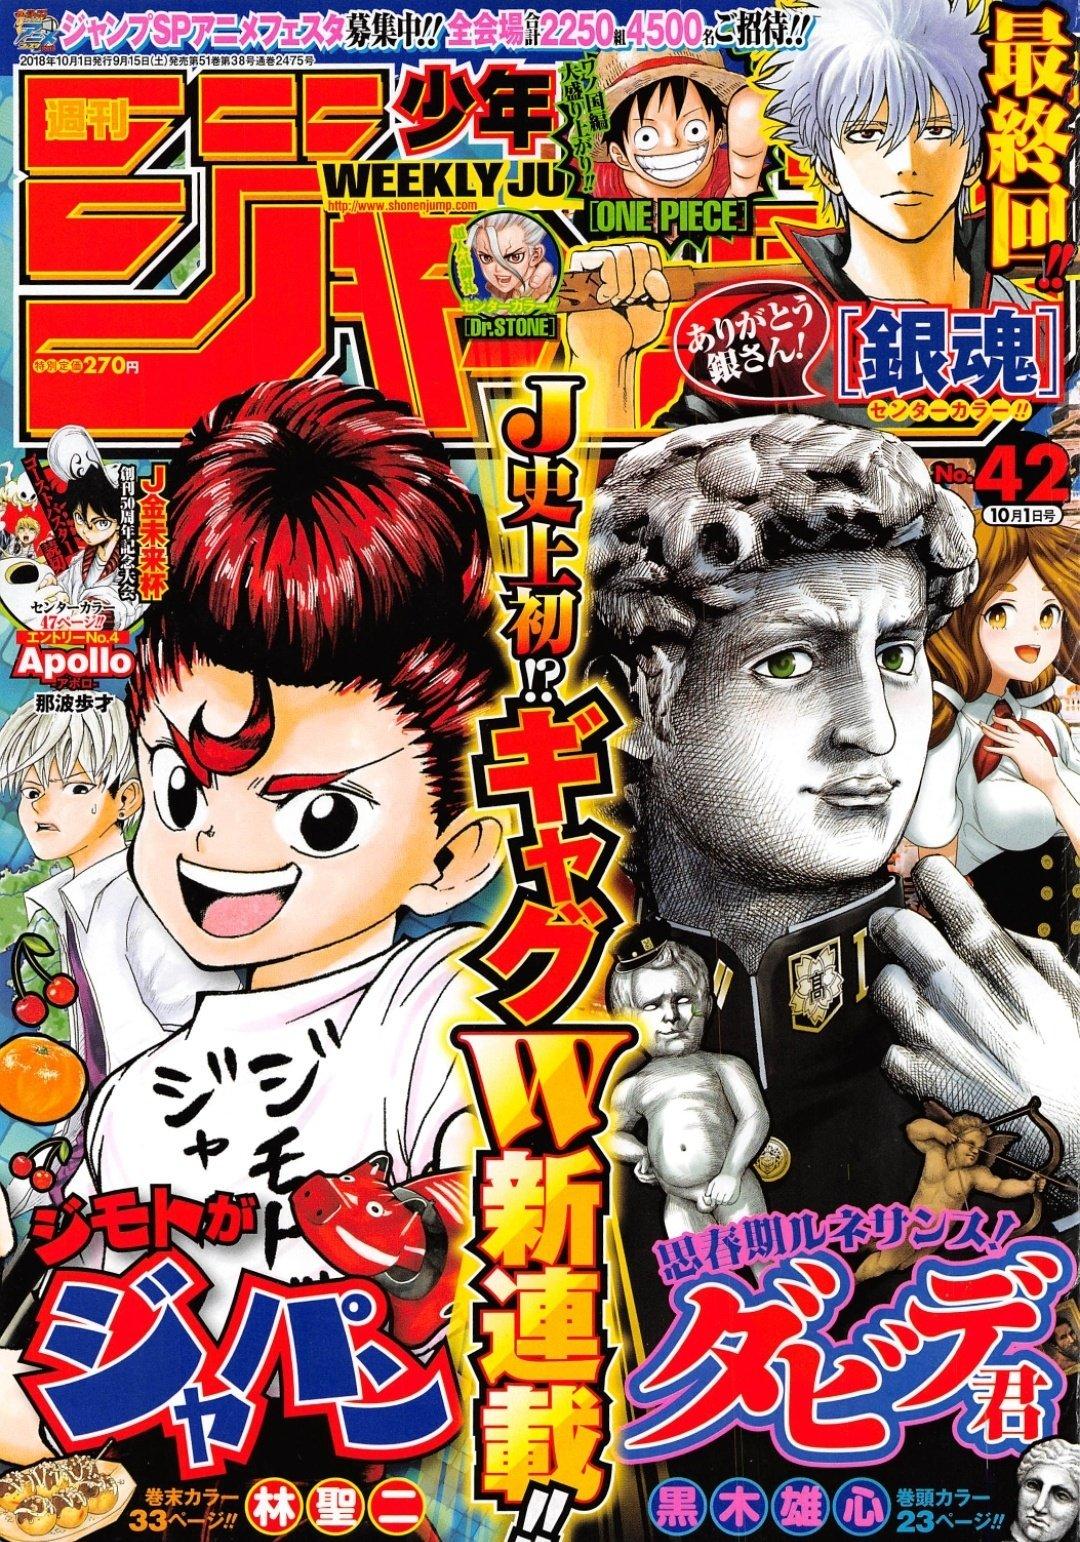 """【GINTAMA】""""lái lụa"""" từ Weekly Shonen Jump qua Jump GIGA. Kết thúc ở tạp chí cũ để chuyển sang tạp chí mới."""